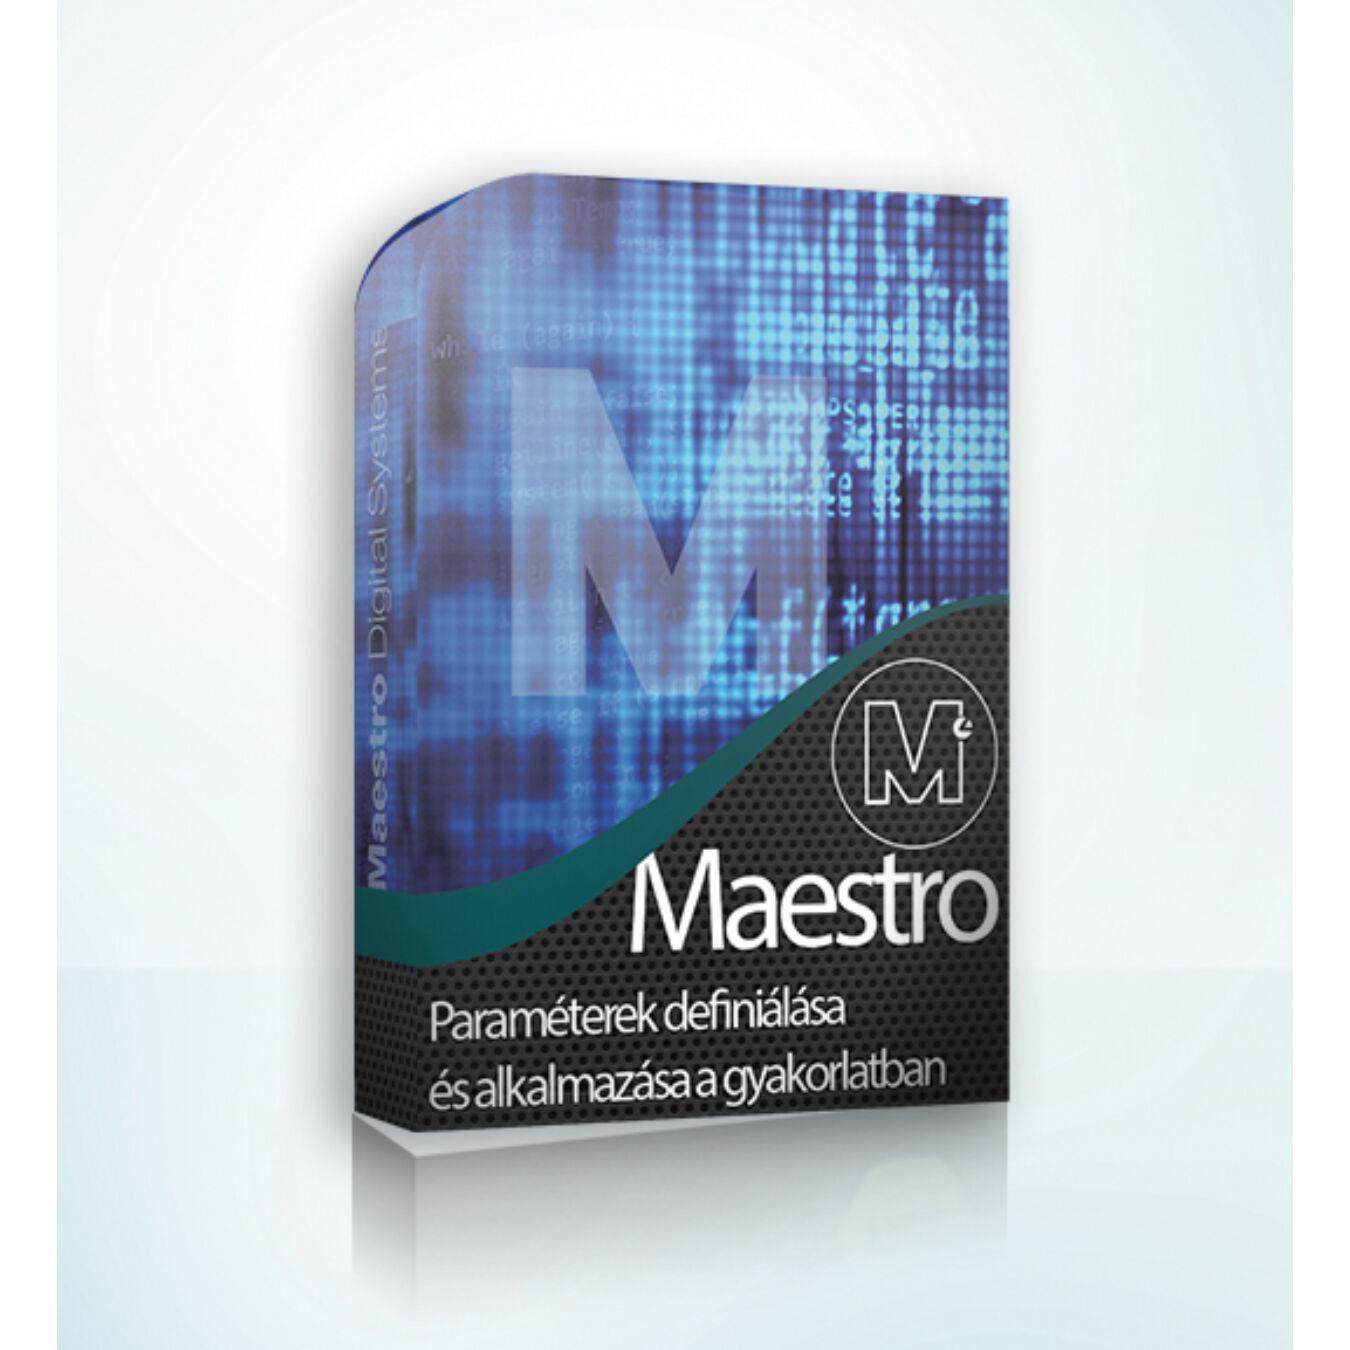 Maestro Paraméterek definiálása és alkalmazása a gyakorlatban